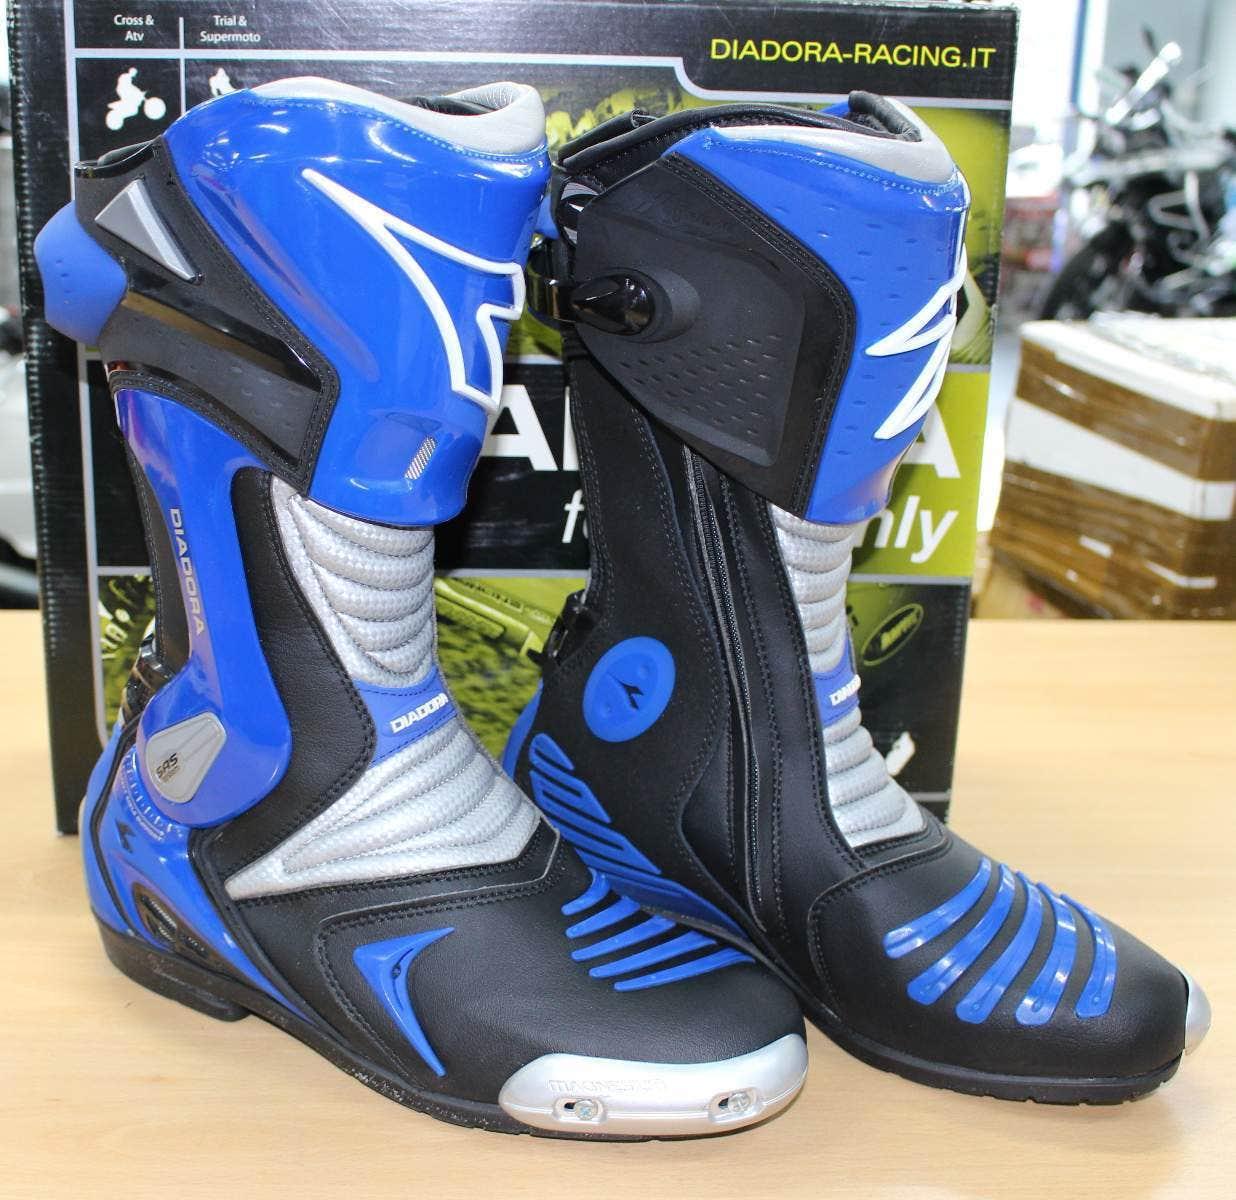 7831fe6897b Boty   Diadora  Sleva - Silniční boty Diadora Extreme černé  modré ...